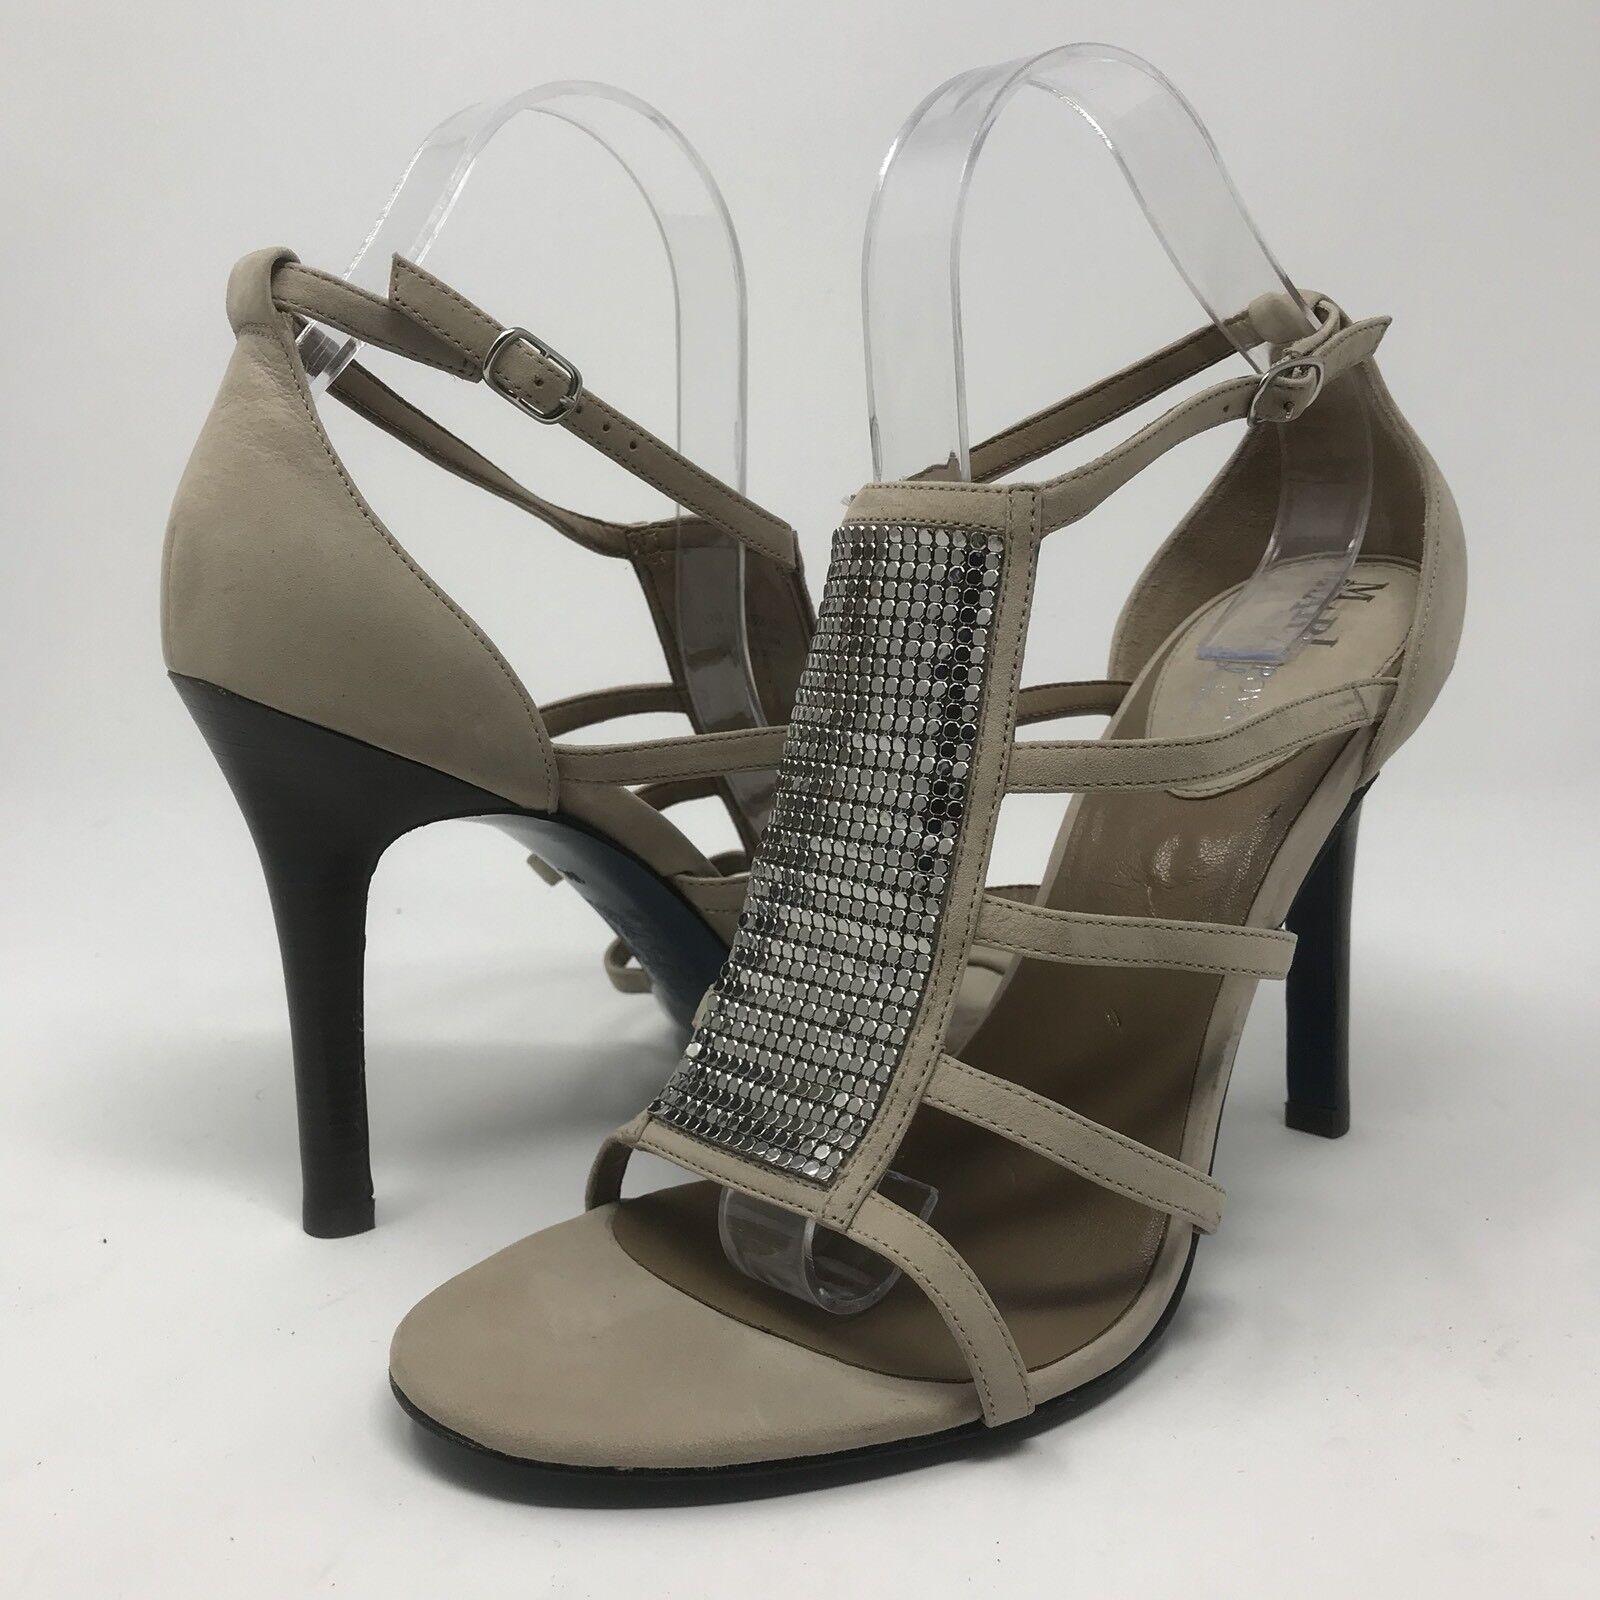 Maria Sharapova By Cole Haan Lalita Strappy Sandals Suede Heels Größe 10 C Wide